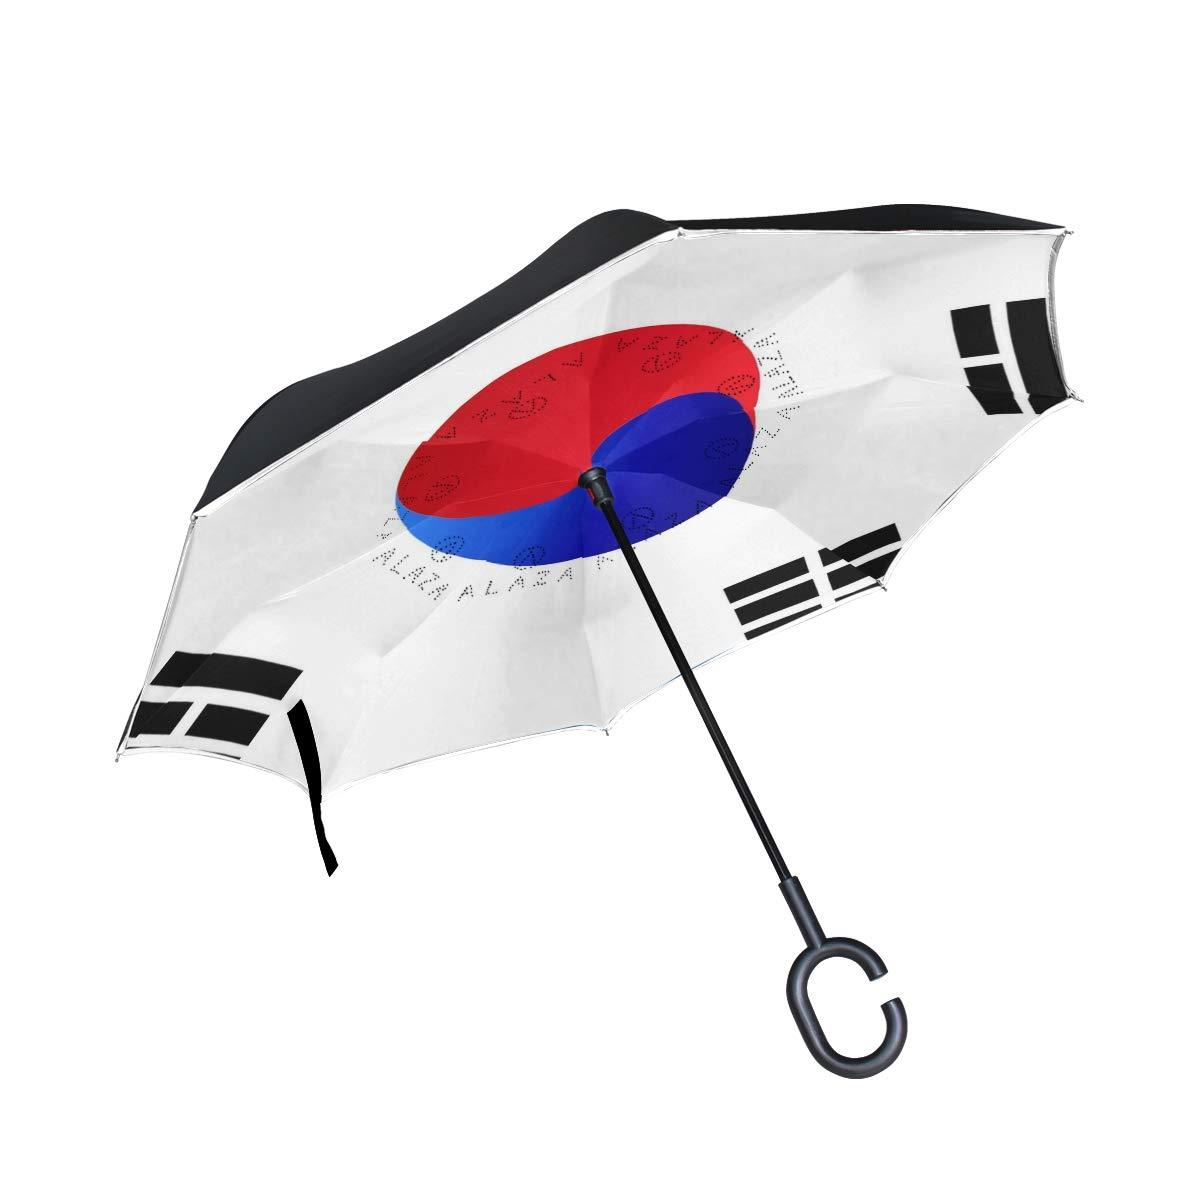 Chinein ダブルレイヤー 反転傘 逆折りたたみ傘 防風 UV保護 車 韓国国旗用   B07GH9FQ37